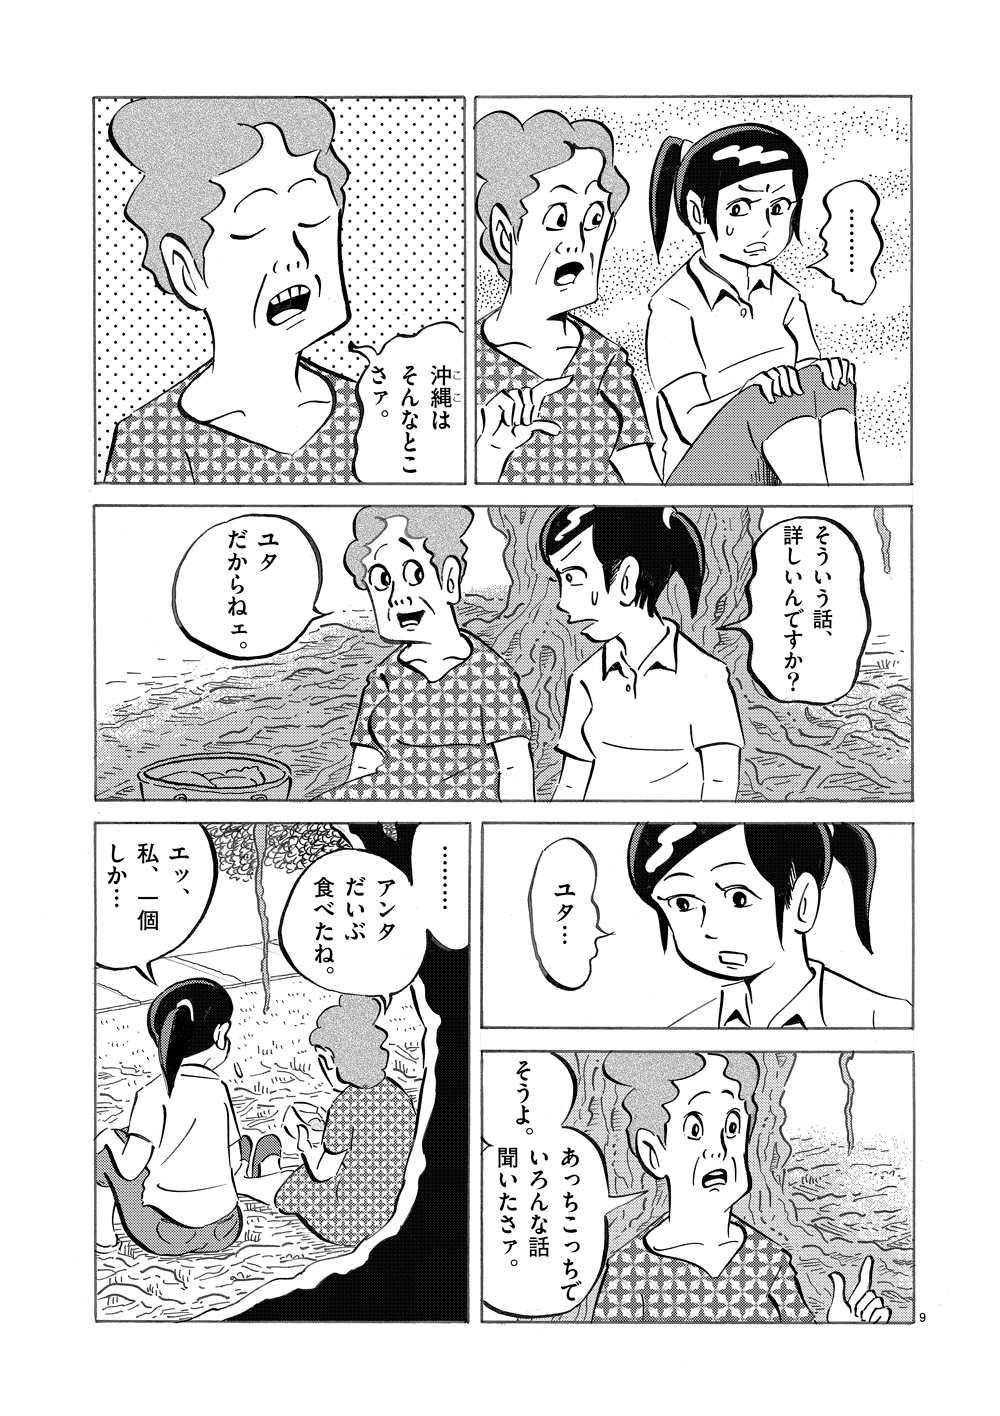 琉球怪談 【第1話】WEB掲載9ページ目画像